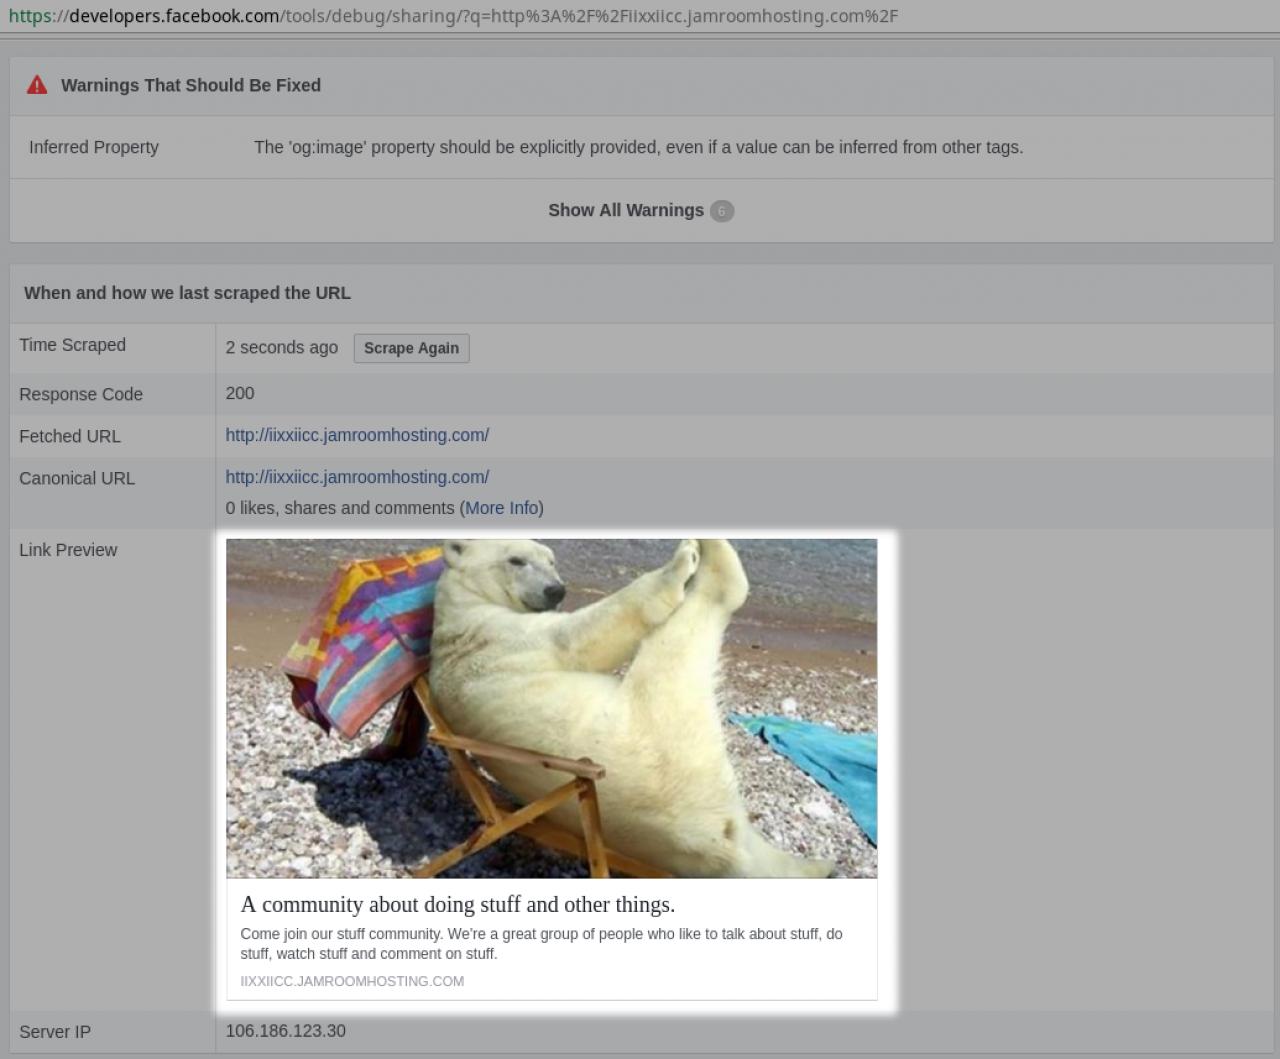 Finished Facebook snipit